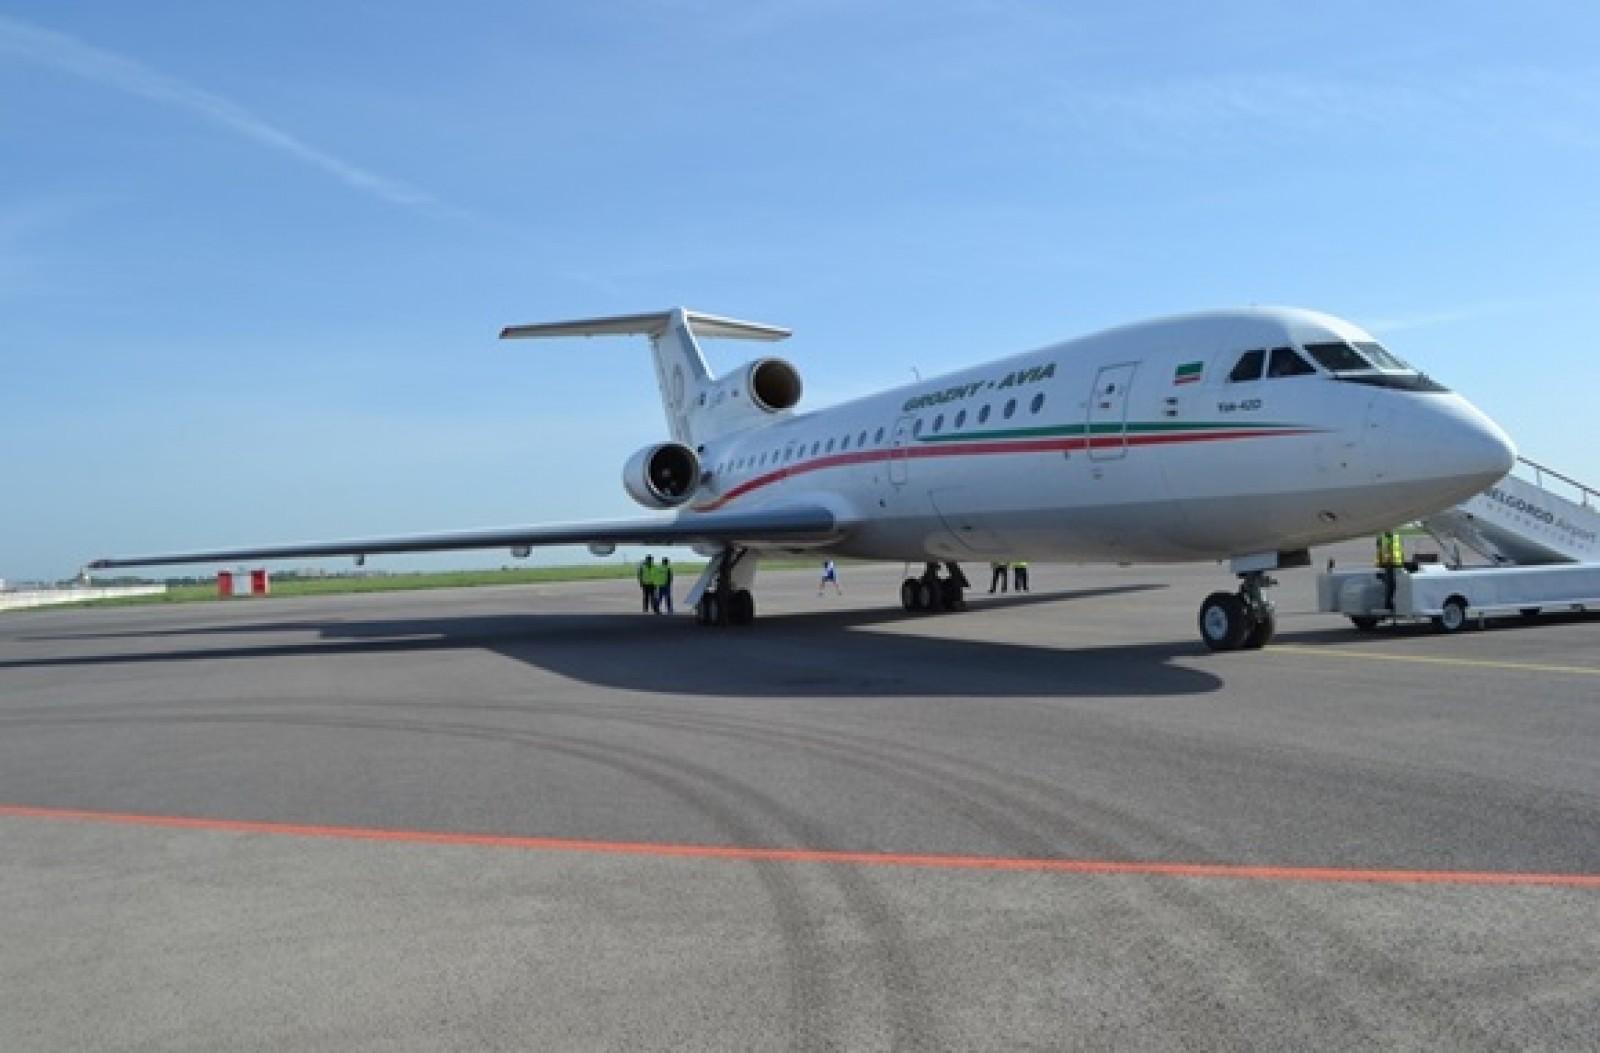 правильно все международные рейсы из белгорода онлайн 2016год они